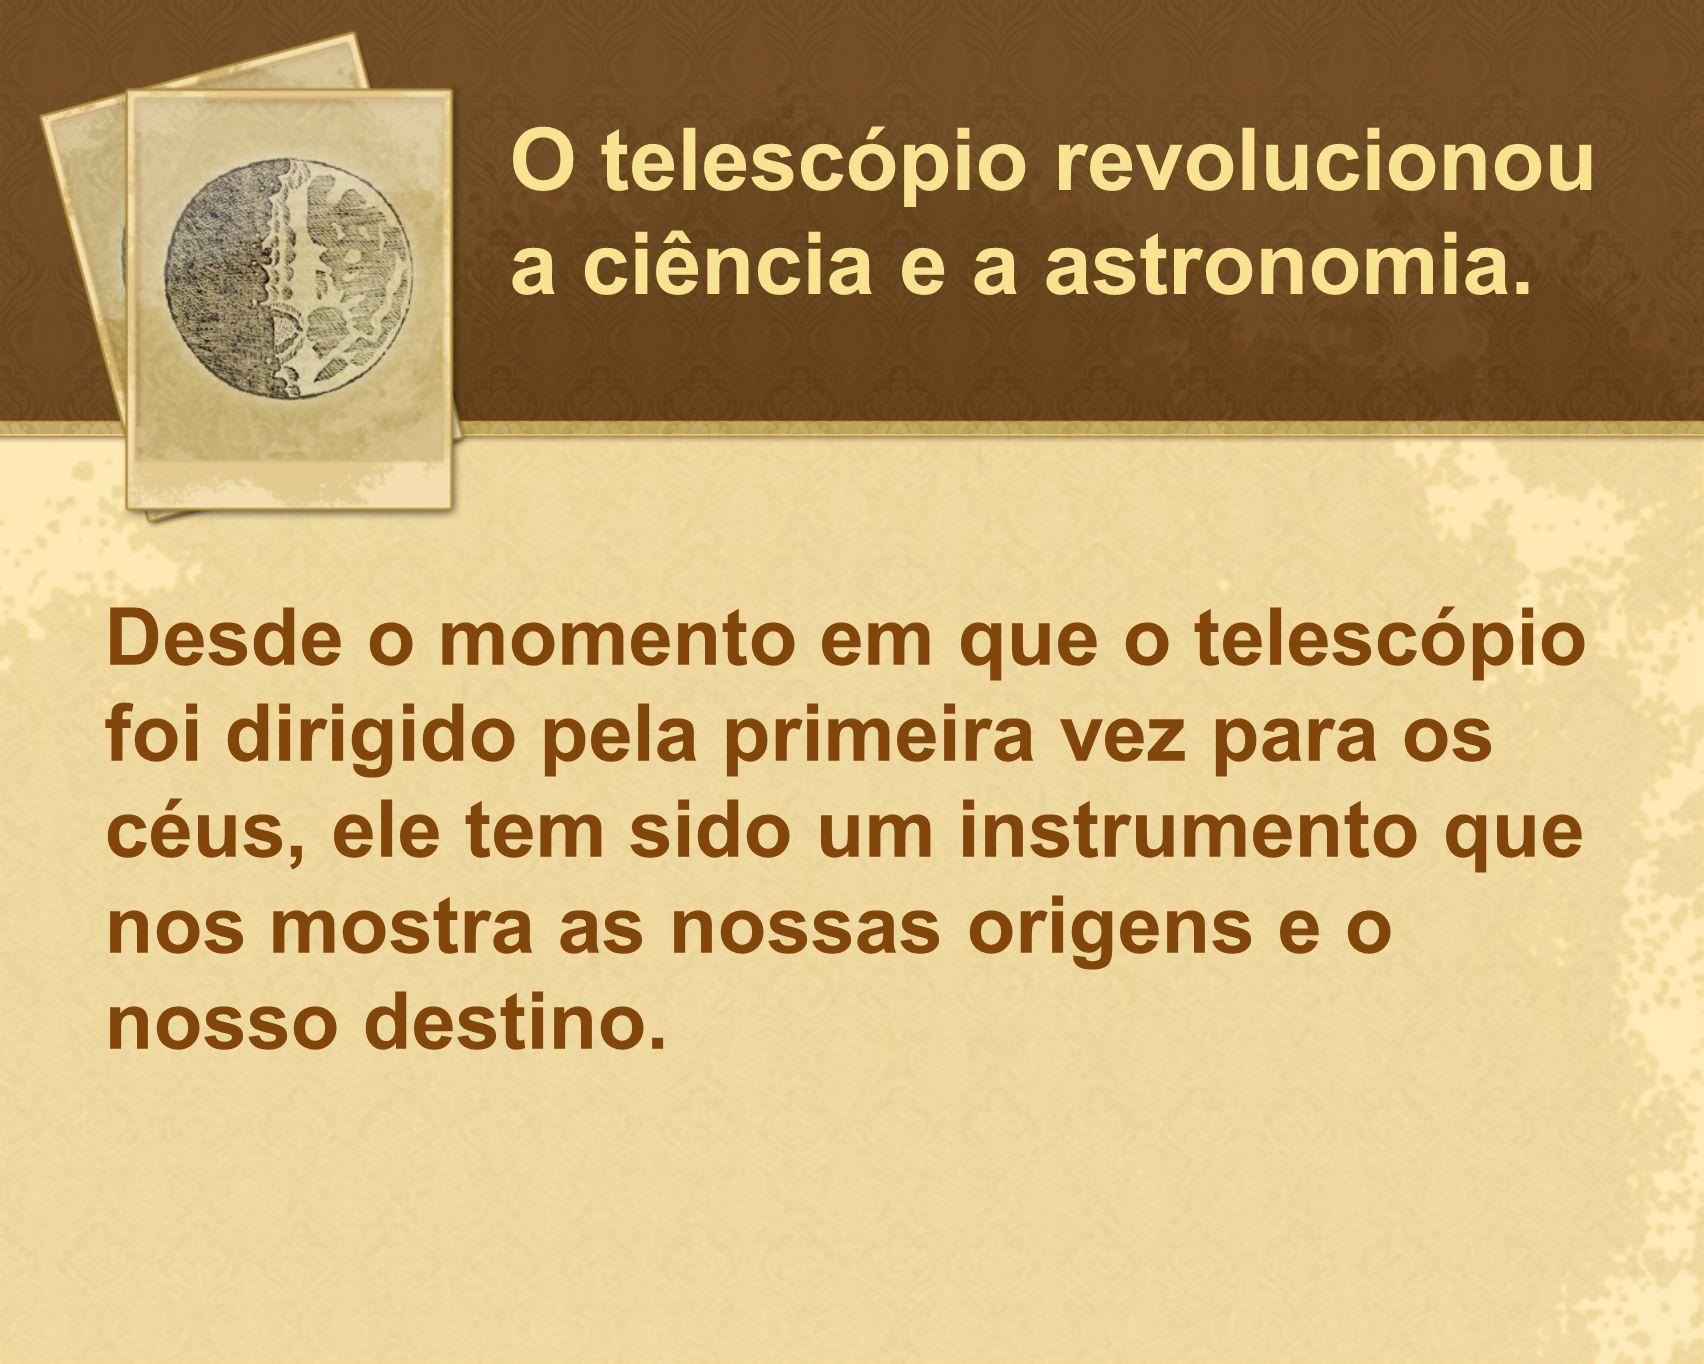 O telescópio revolucionou a ciência e a astronomia. Desde o momento em que o telescópio foi dirigido pela primeira vez para os céus, ele tem sido um i